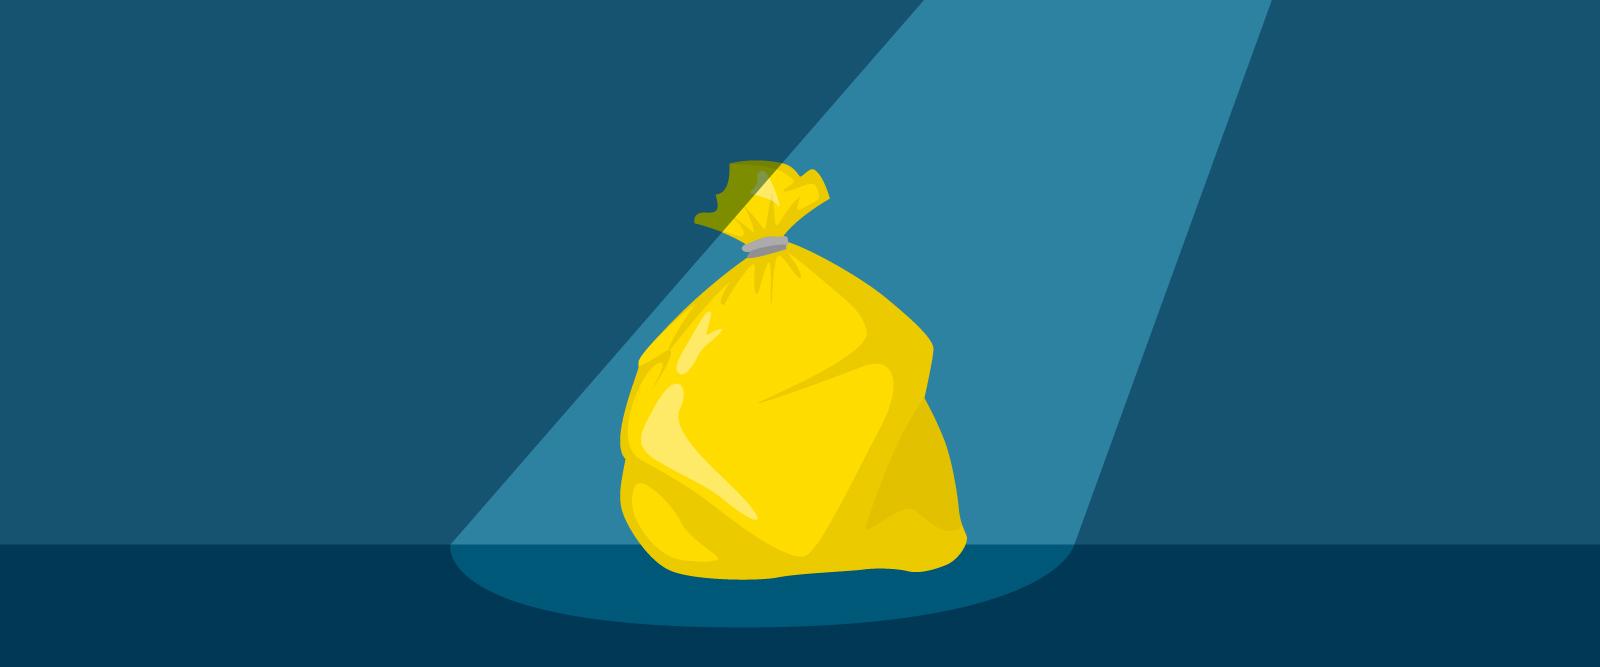 Sacco giallo, migliorare la qualità è possibile